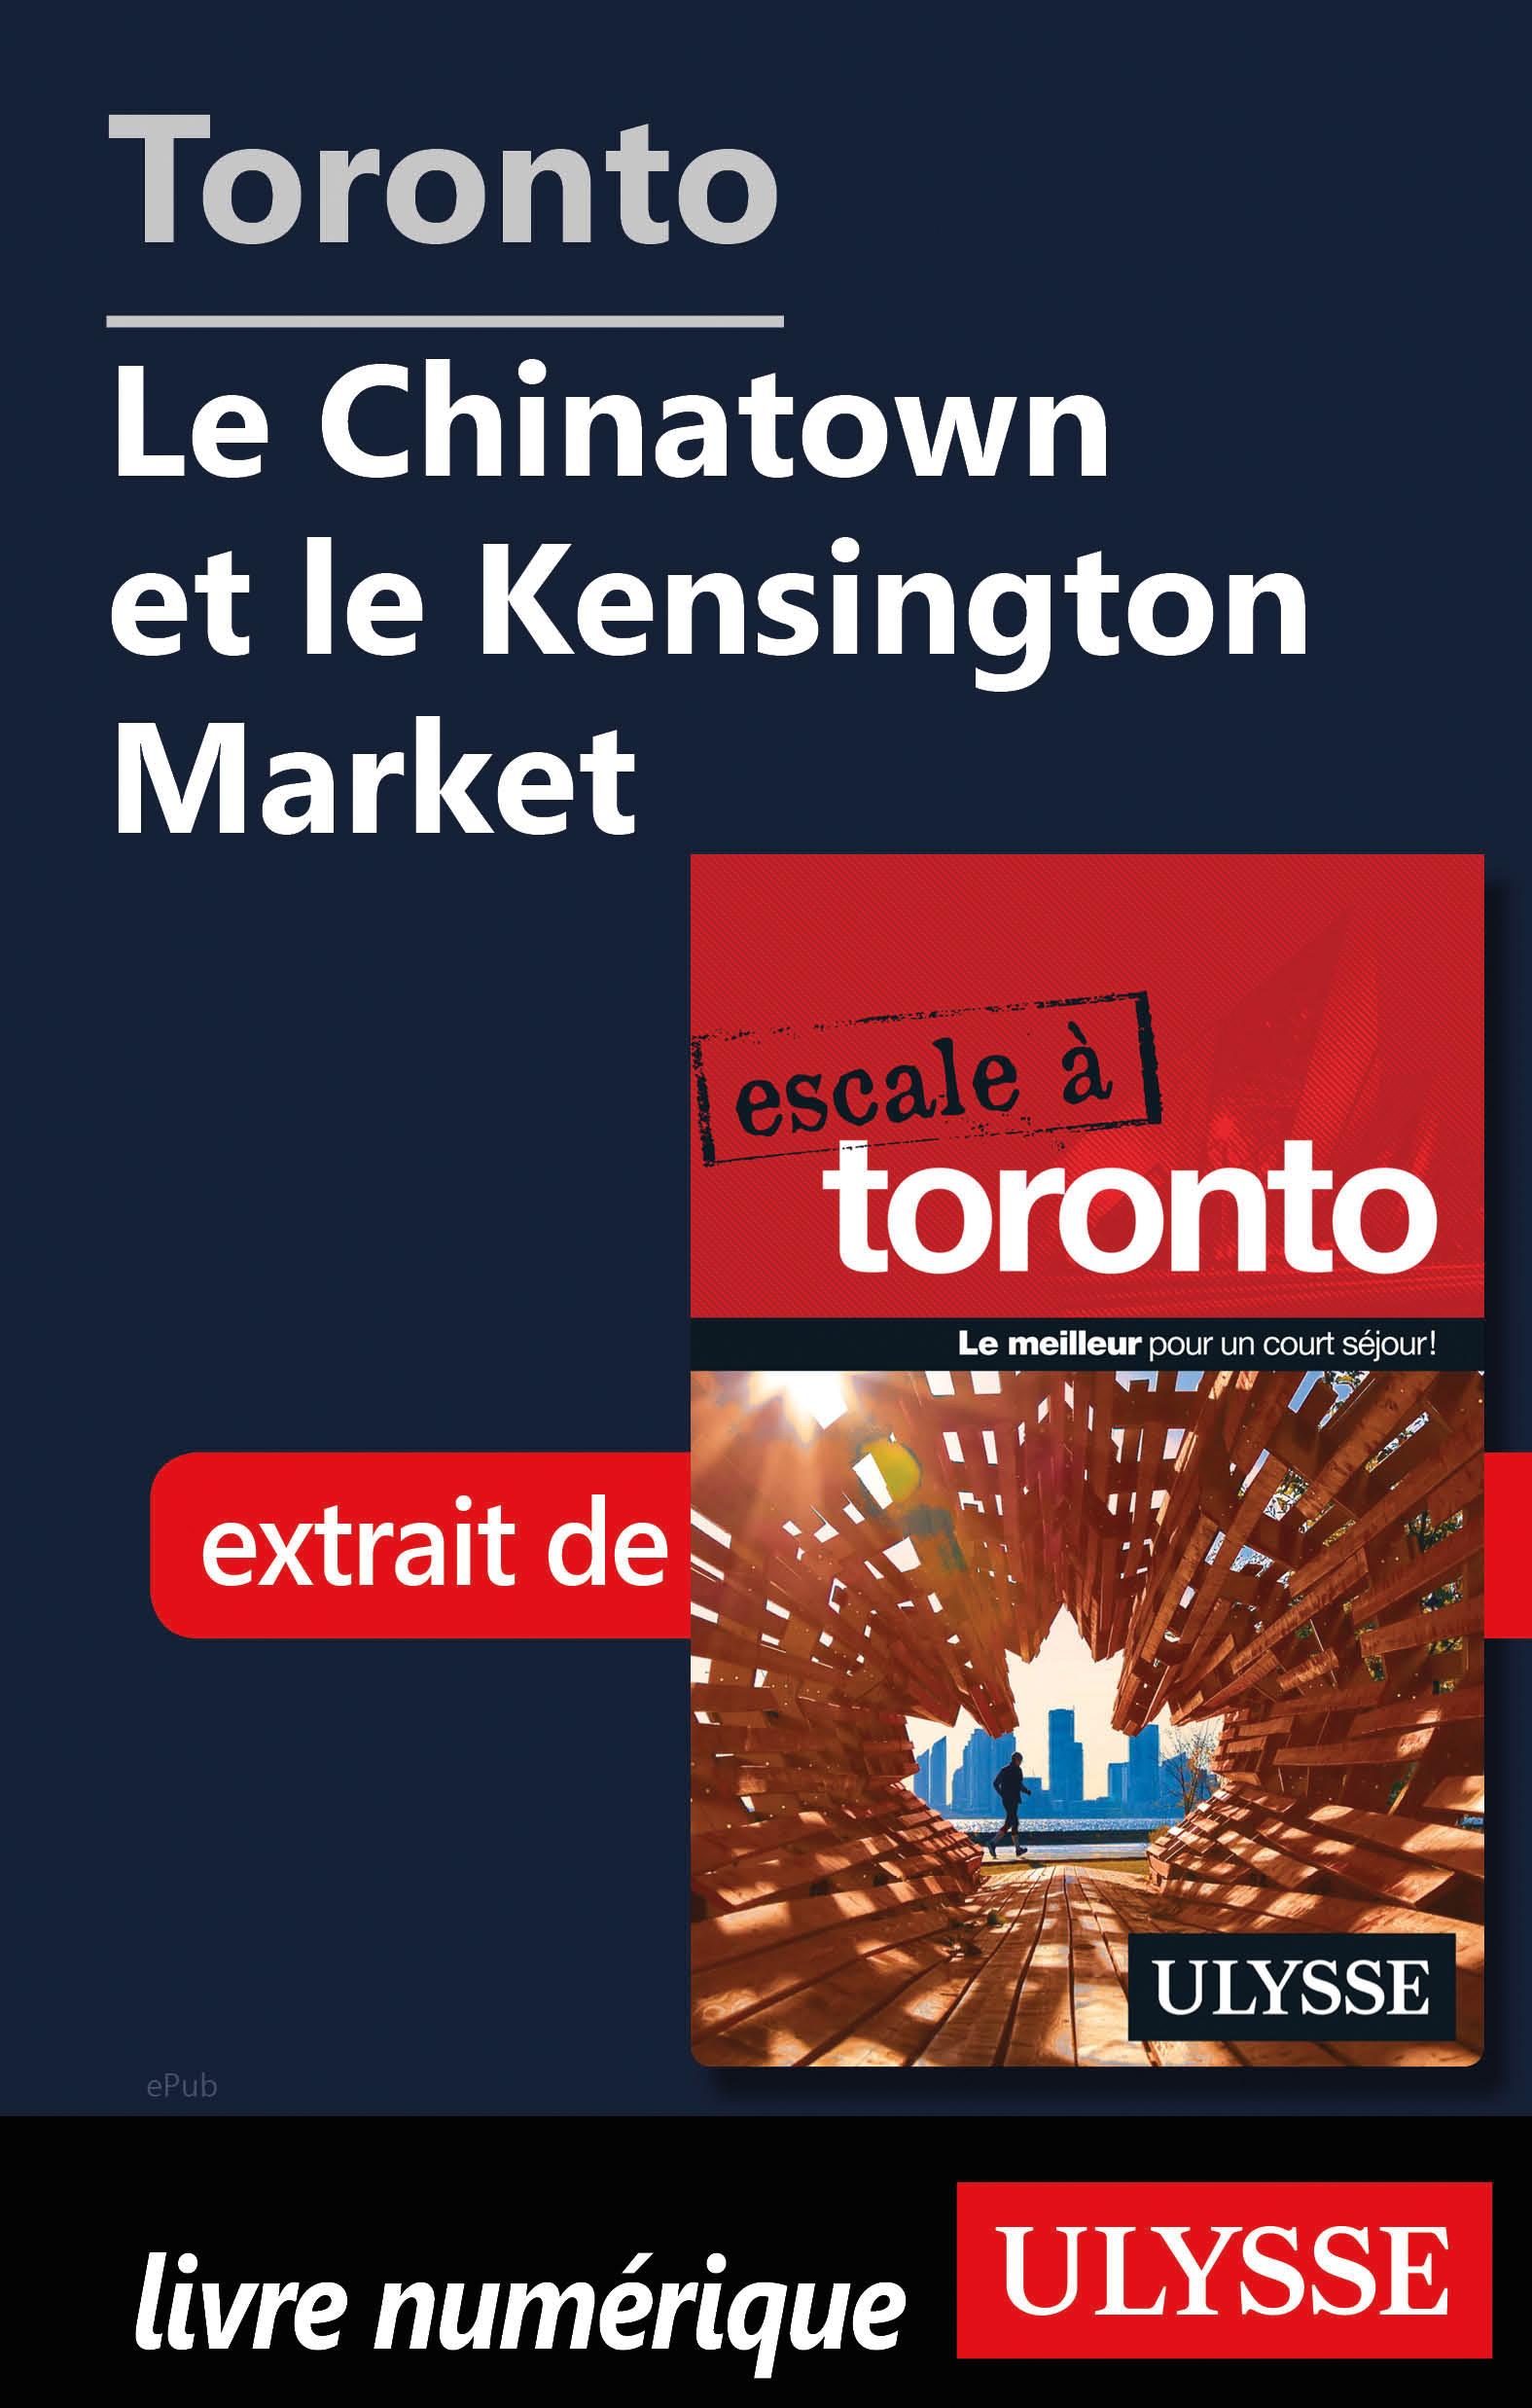 Toronto - Le Chinatown et le Kensington Market